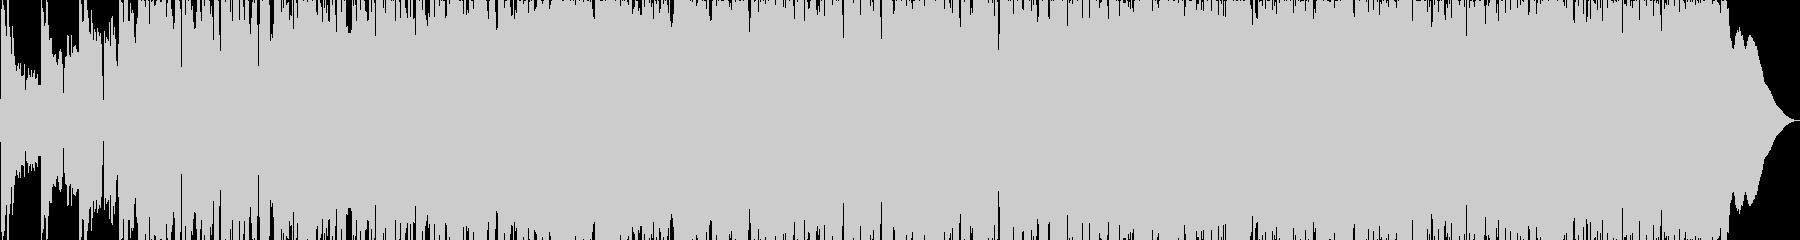 メタル インディーロック ワイルド...の未再生の波形